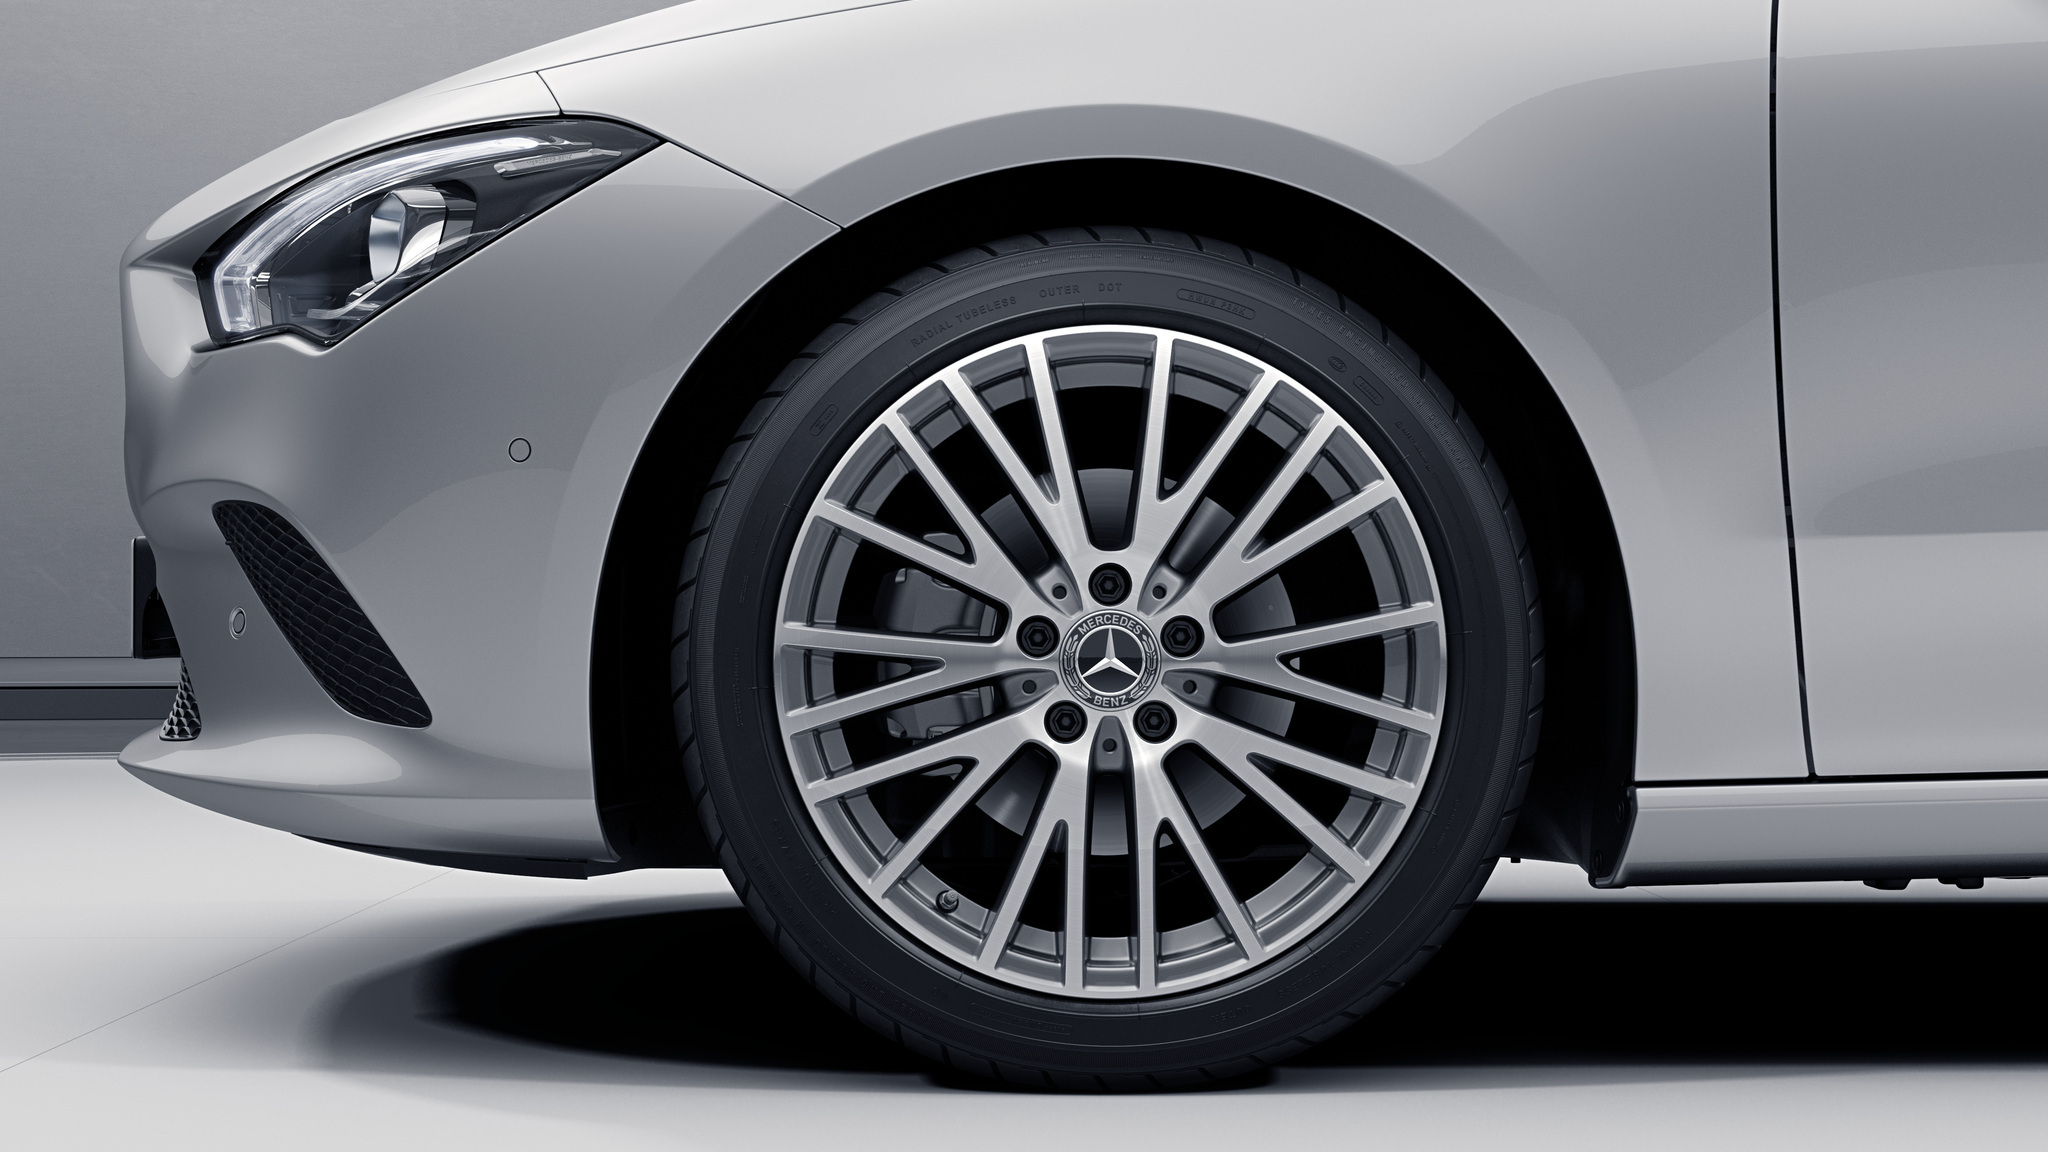 Jantes 18 multibranches de la Mercedes-Benz CLA